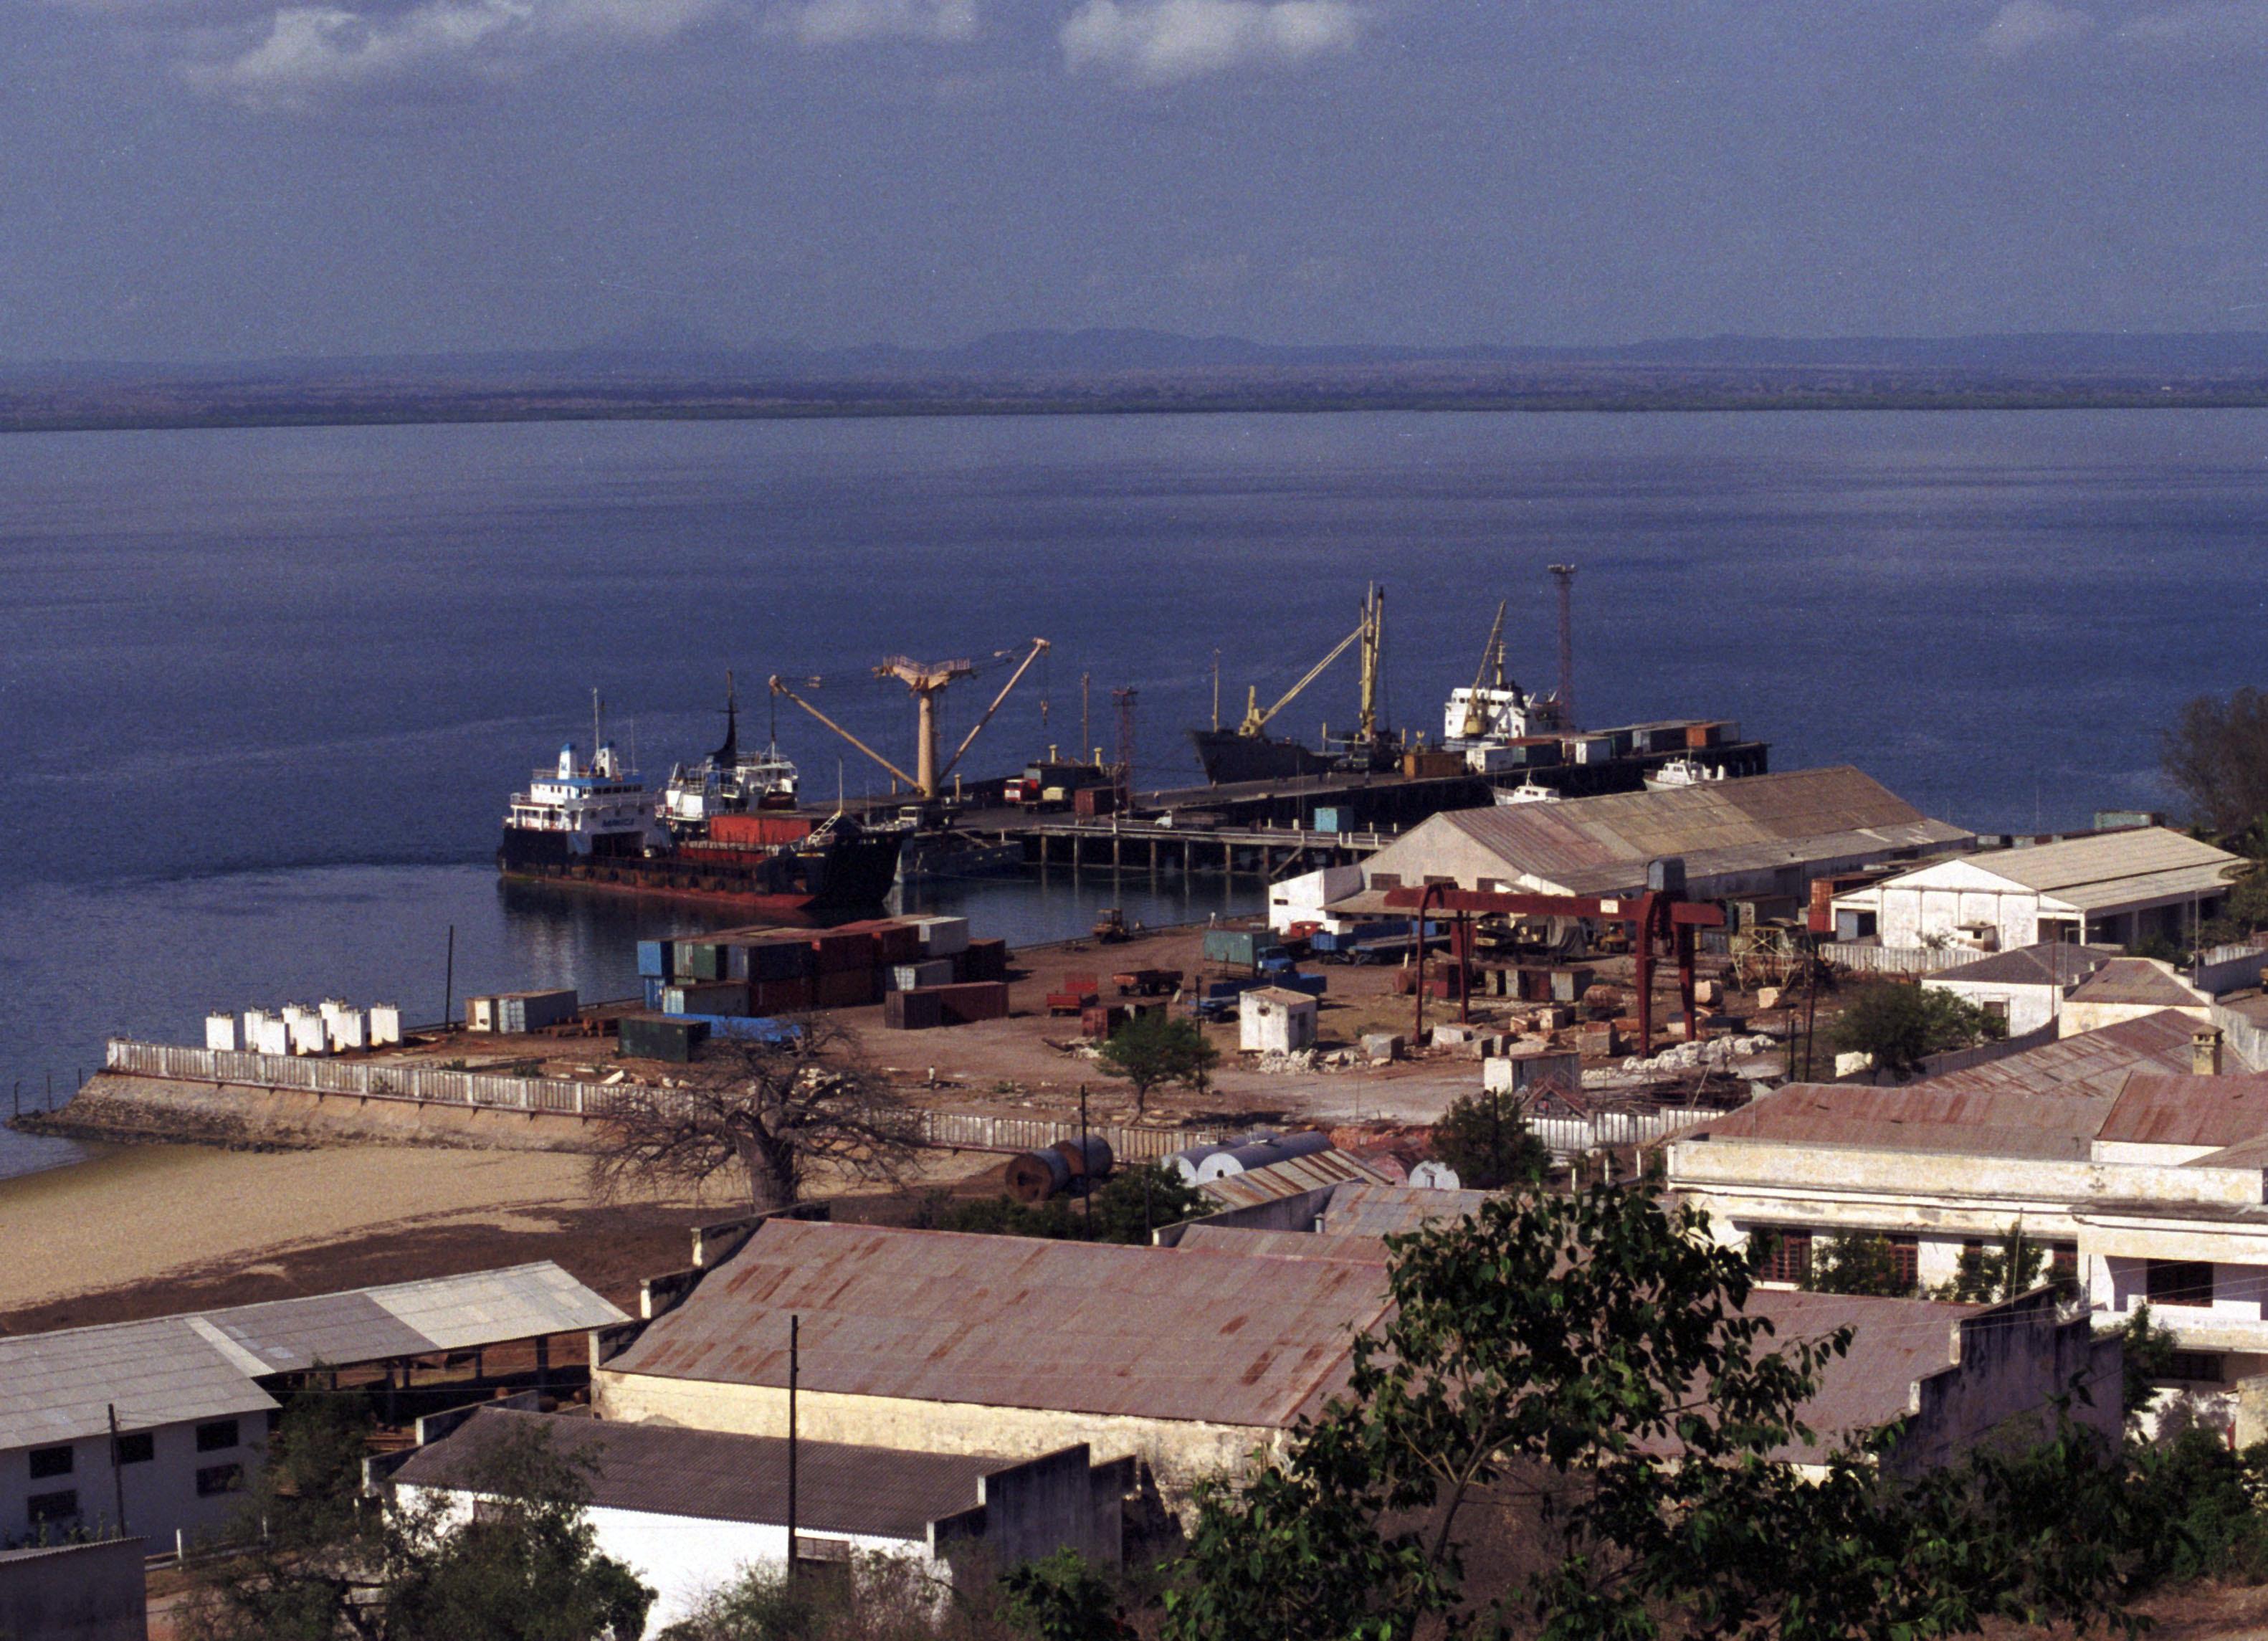 Governo de Moçambique otimista quanto à evolução da economia do país em 2018